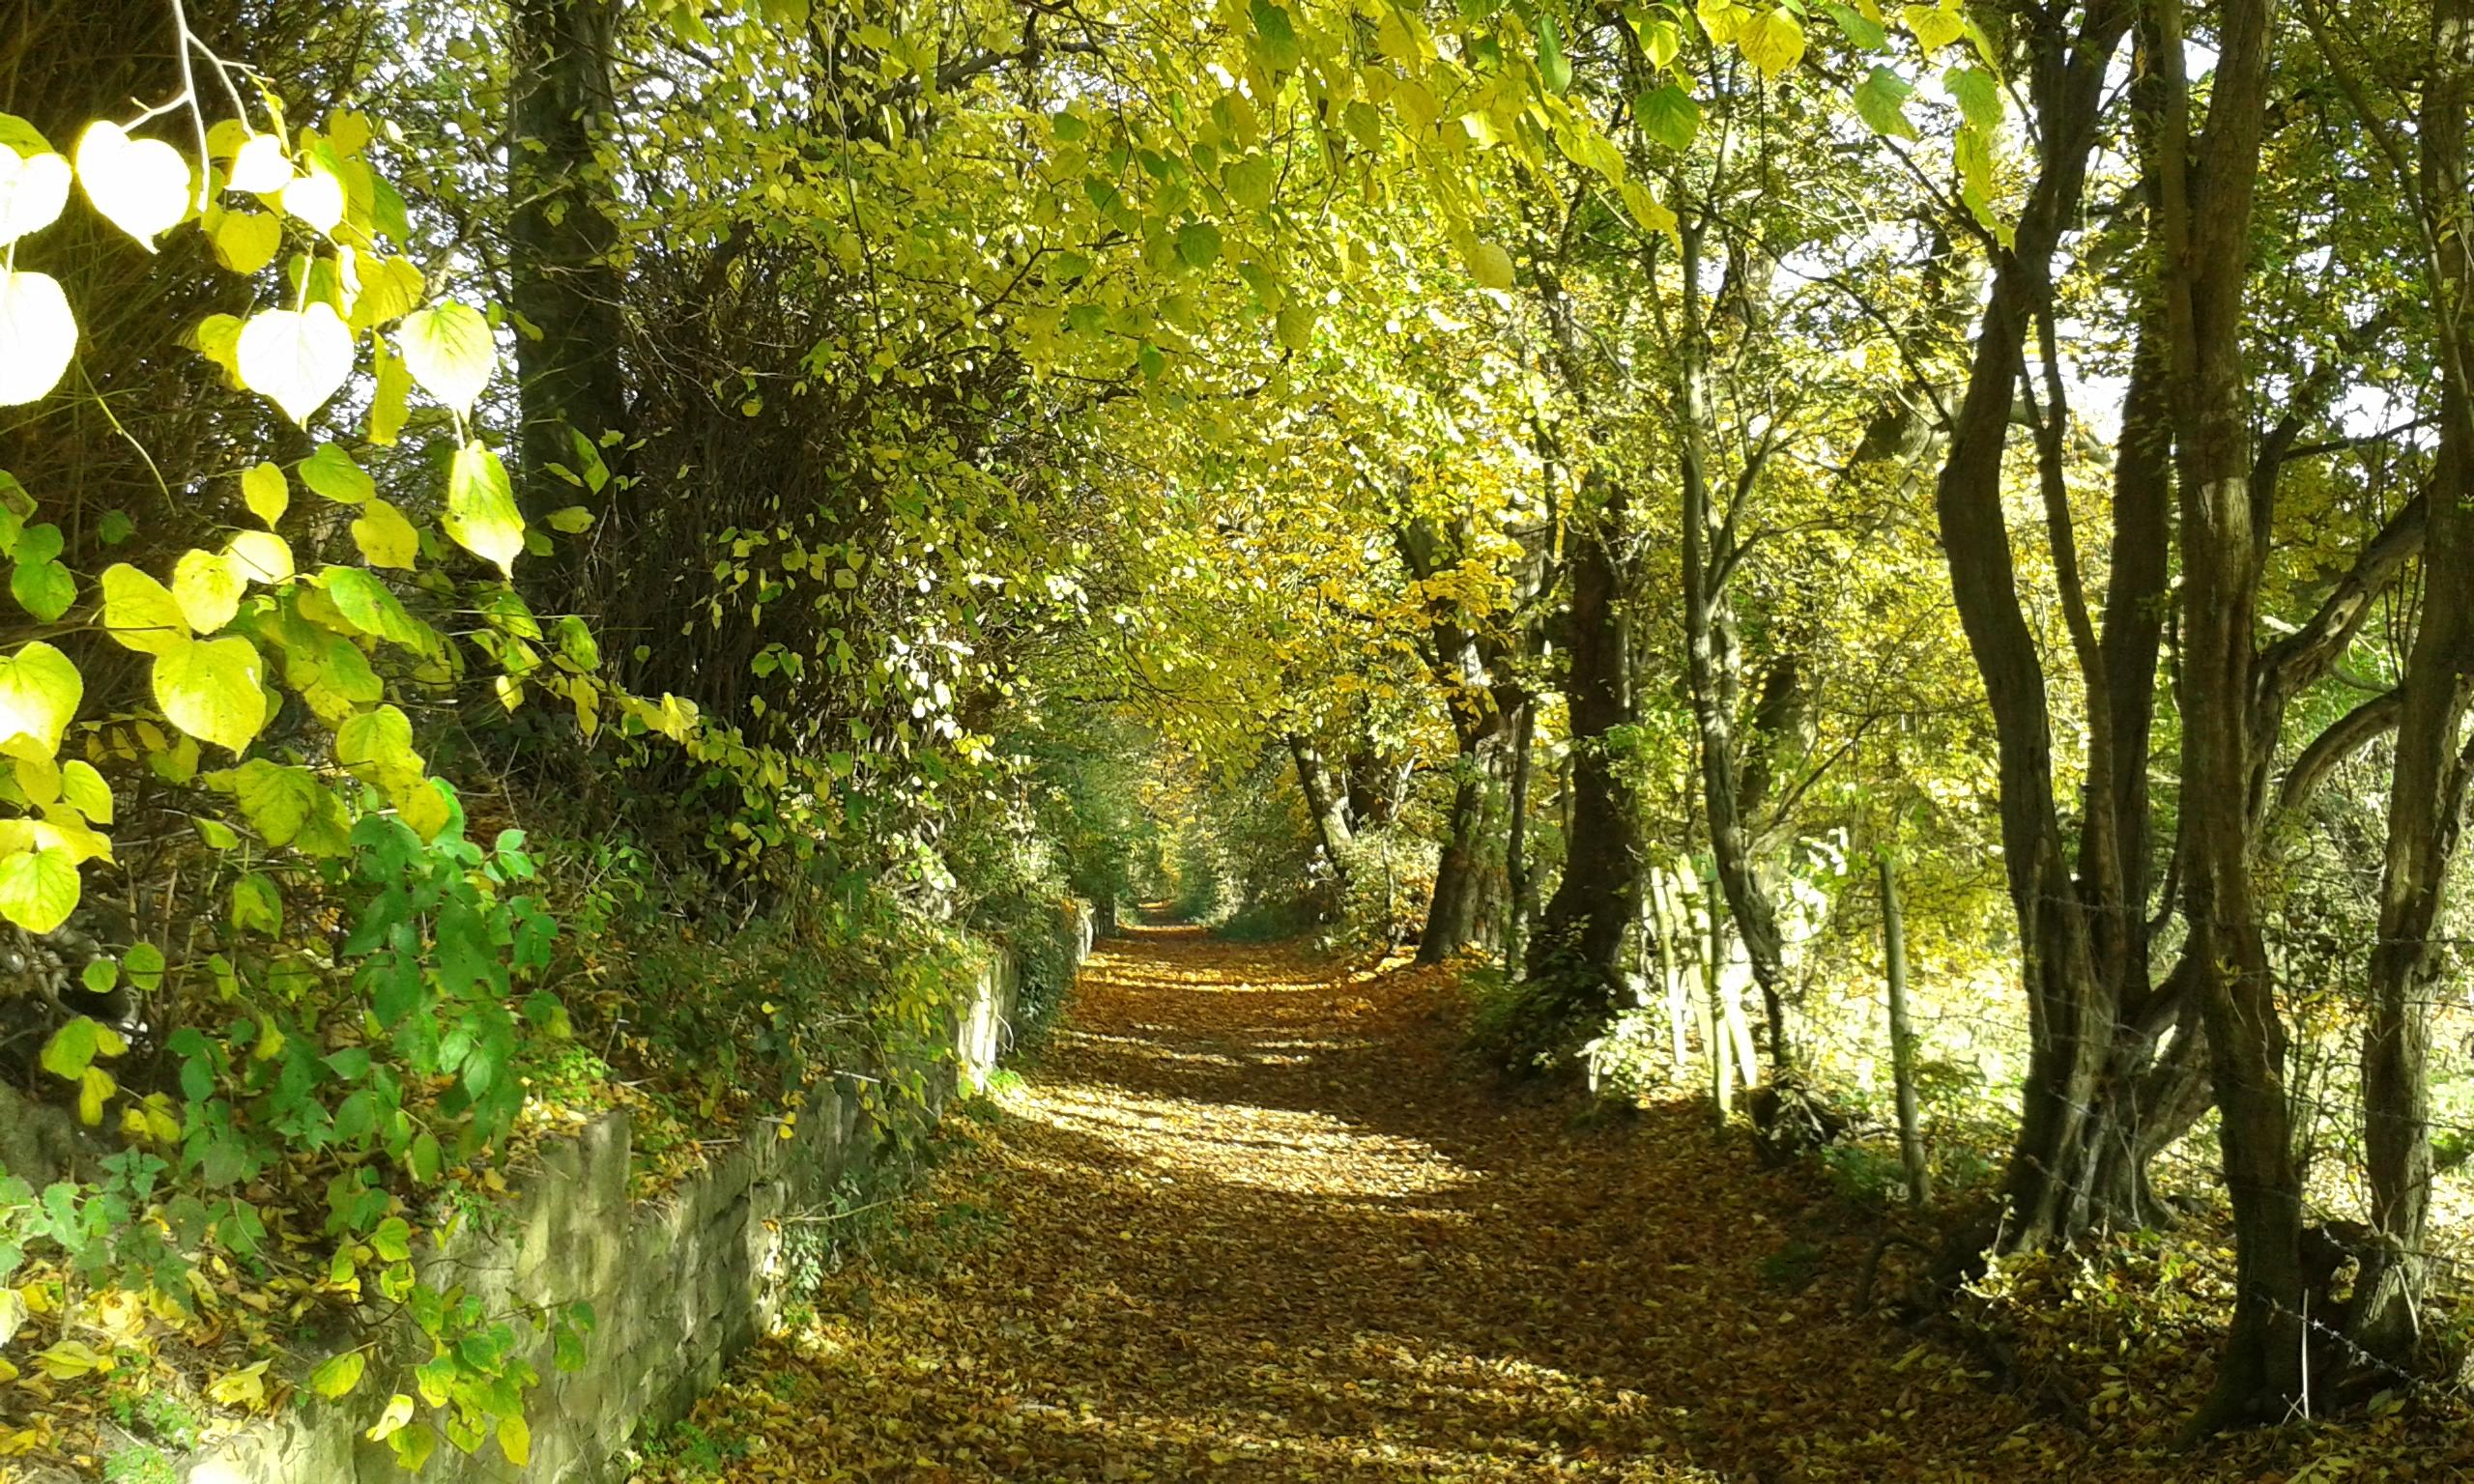 Turls Hill, Sedgley